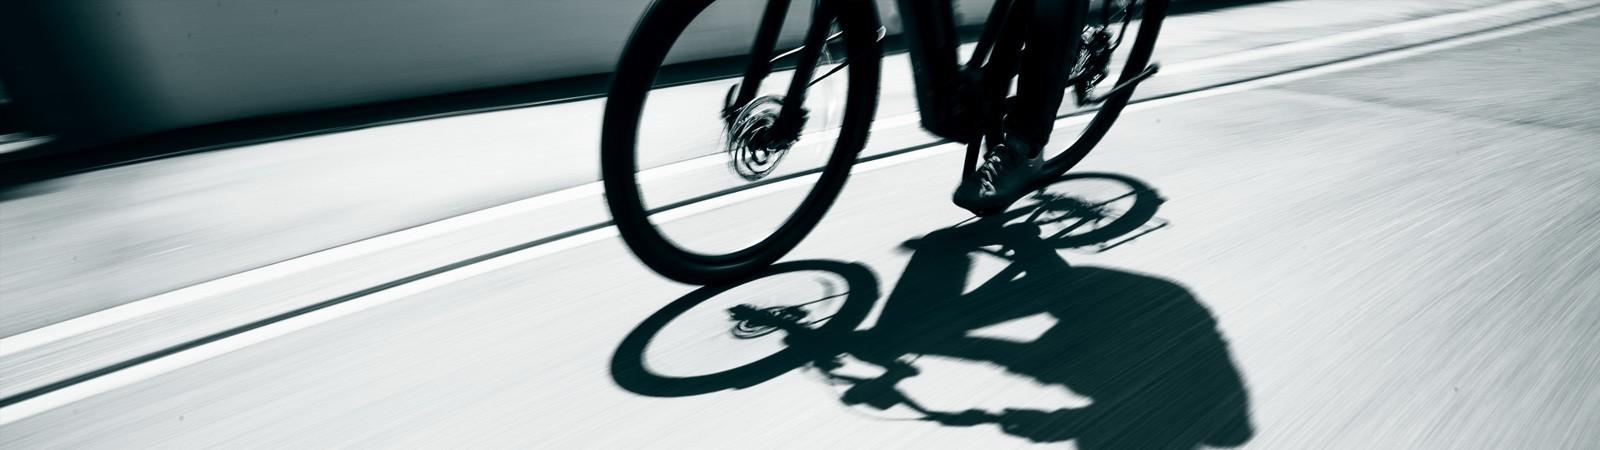 ••• Nos marques de vélos électriques MOUSTACHE PEUGEOT KALKHOFF WINORA RIESE & MULLER O2FEEL CUBE TERN •